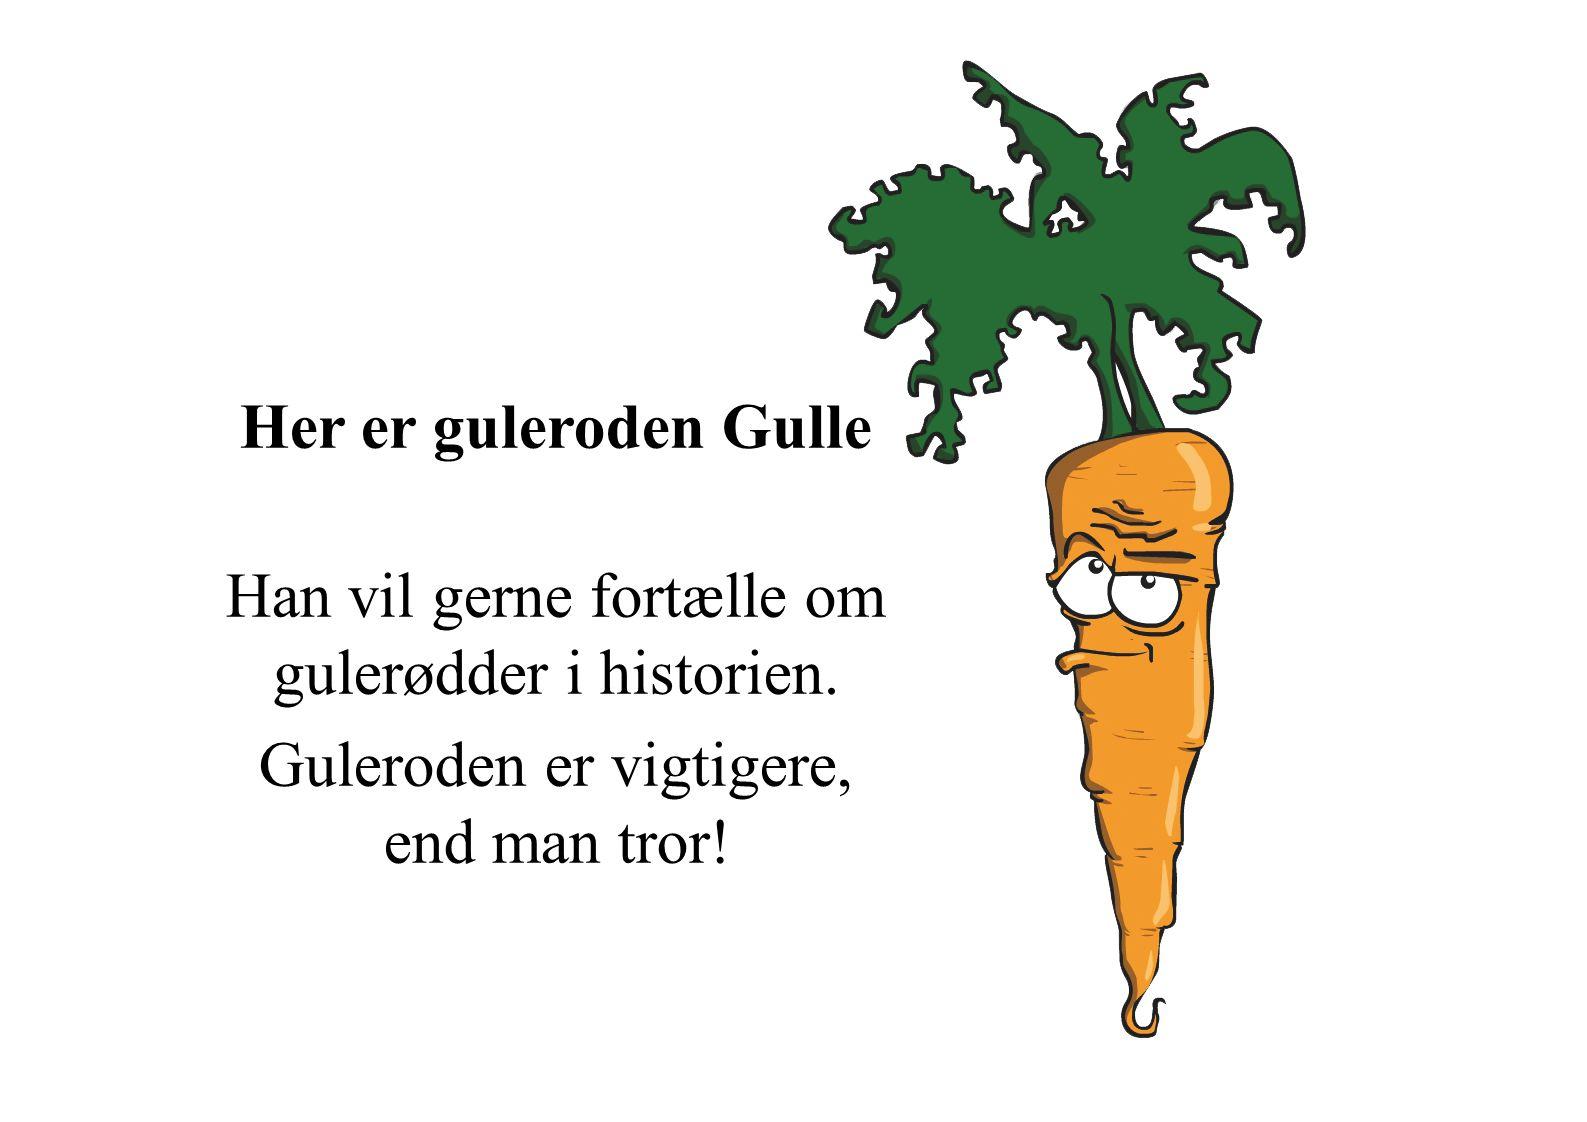 Han vil gerne fortælle om gulerødder i historien.